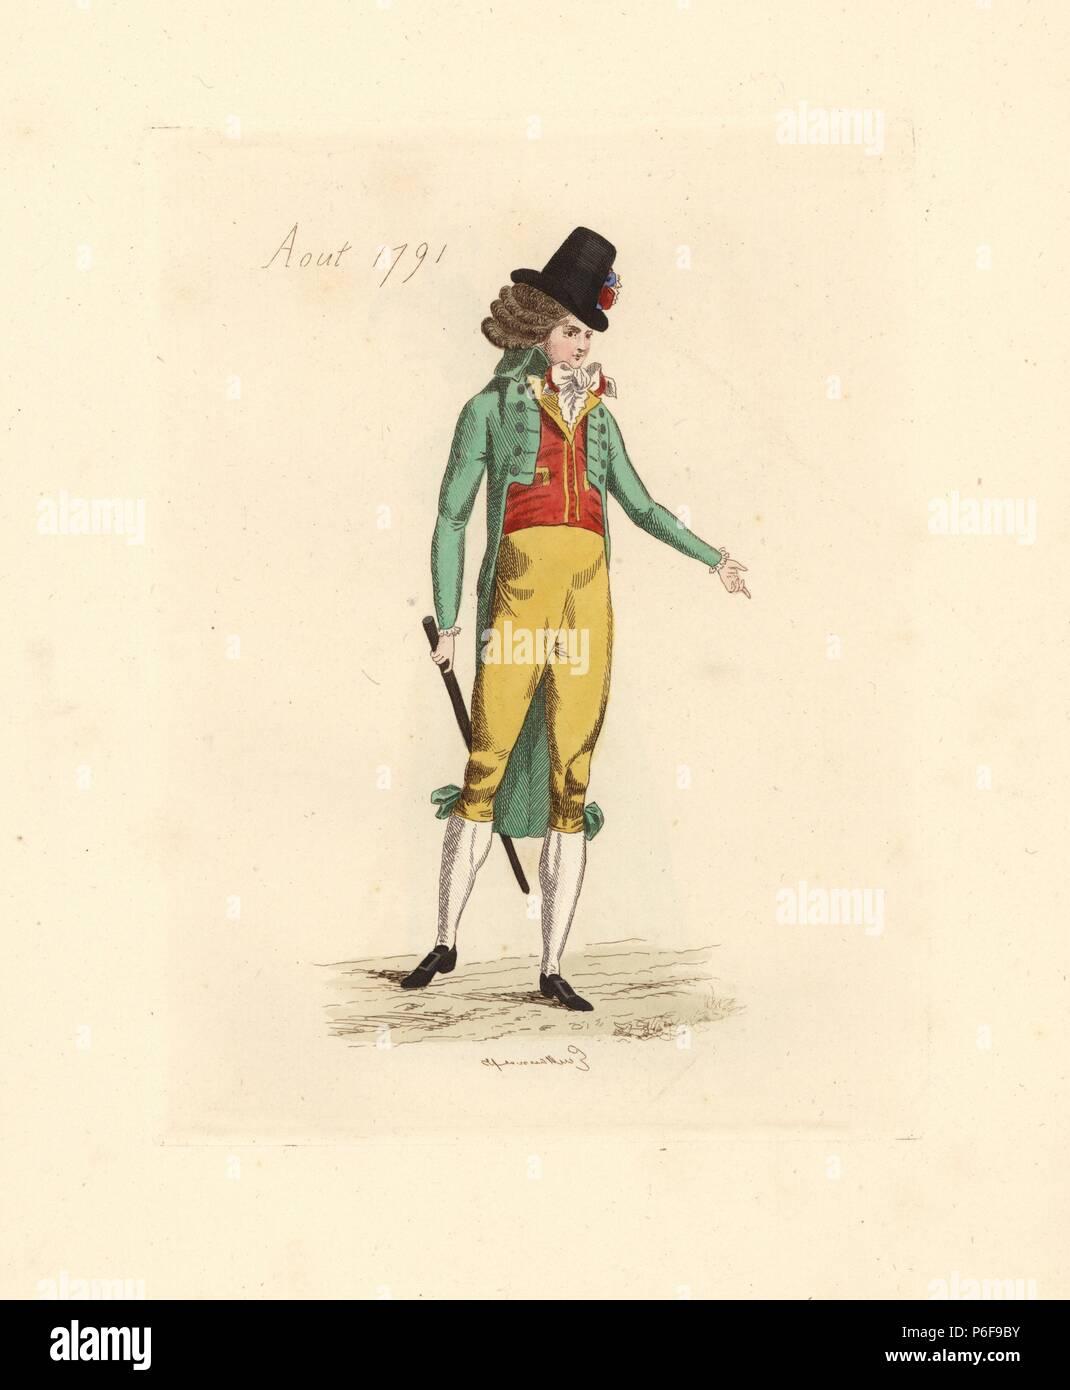 Il francese uomo che indossa la moda di agosto 1791. Indossa un cappello  alto con bcb35b88a34c